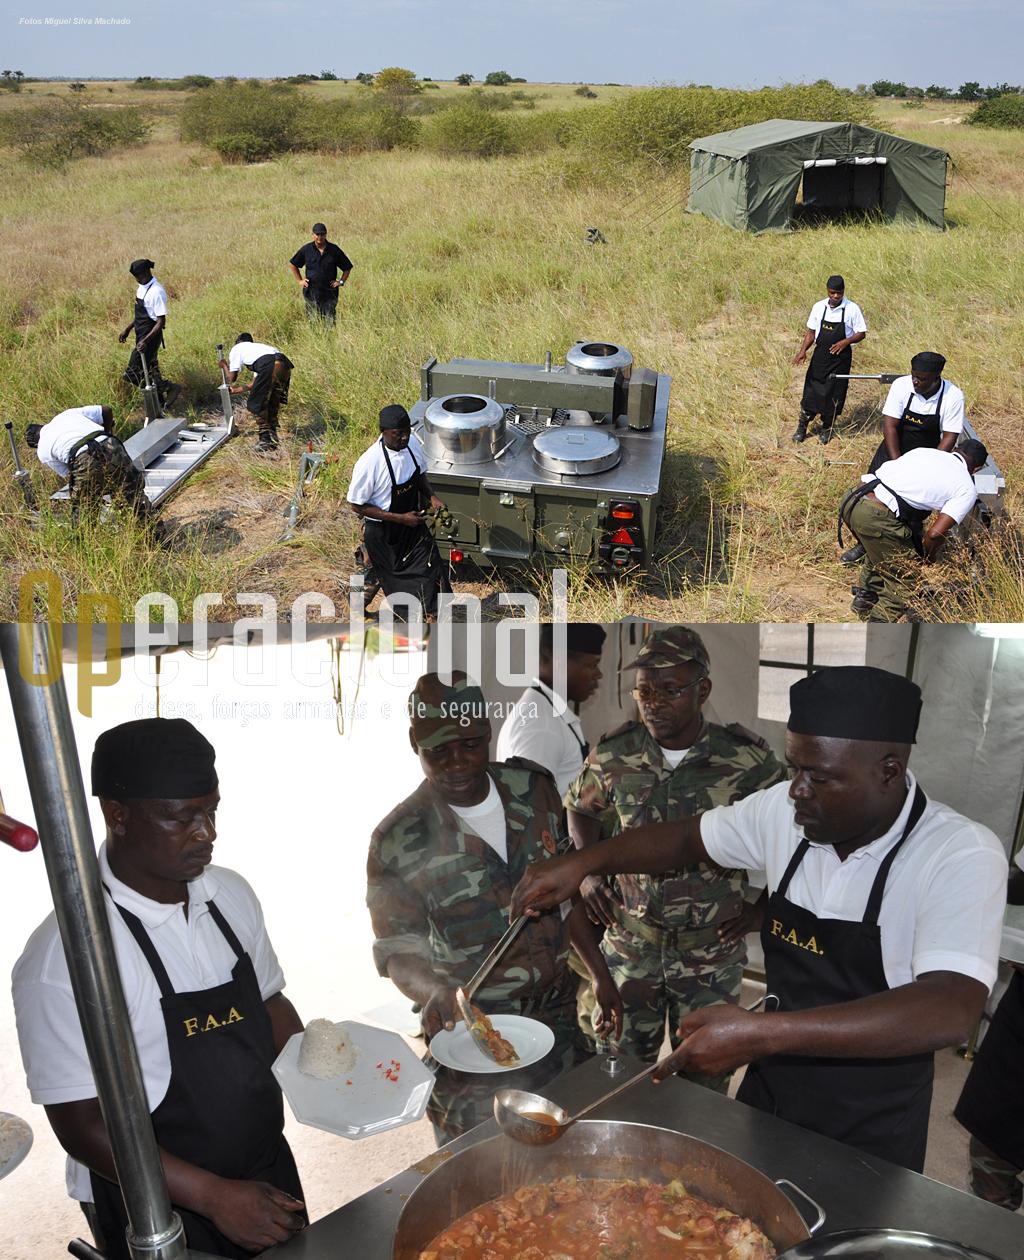 O Grupo está a fornecer cozinhas de campanha às Forças Armadas Angolanas, o que inclui como sempre a formação no local e com os equipamentos vendidos.